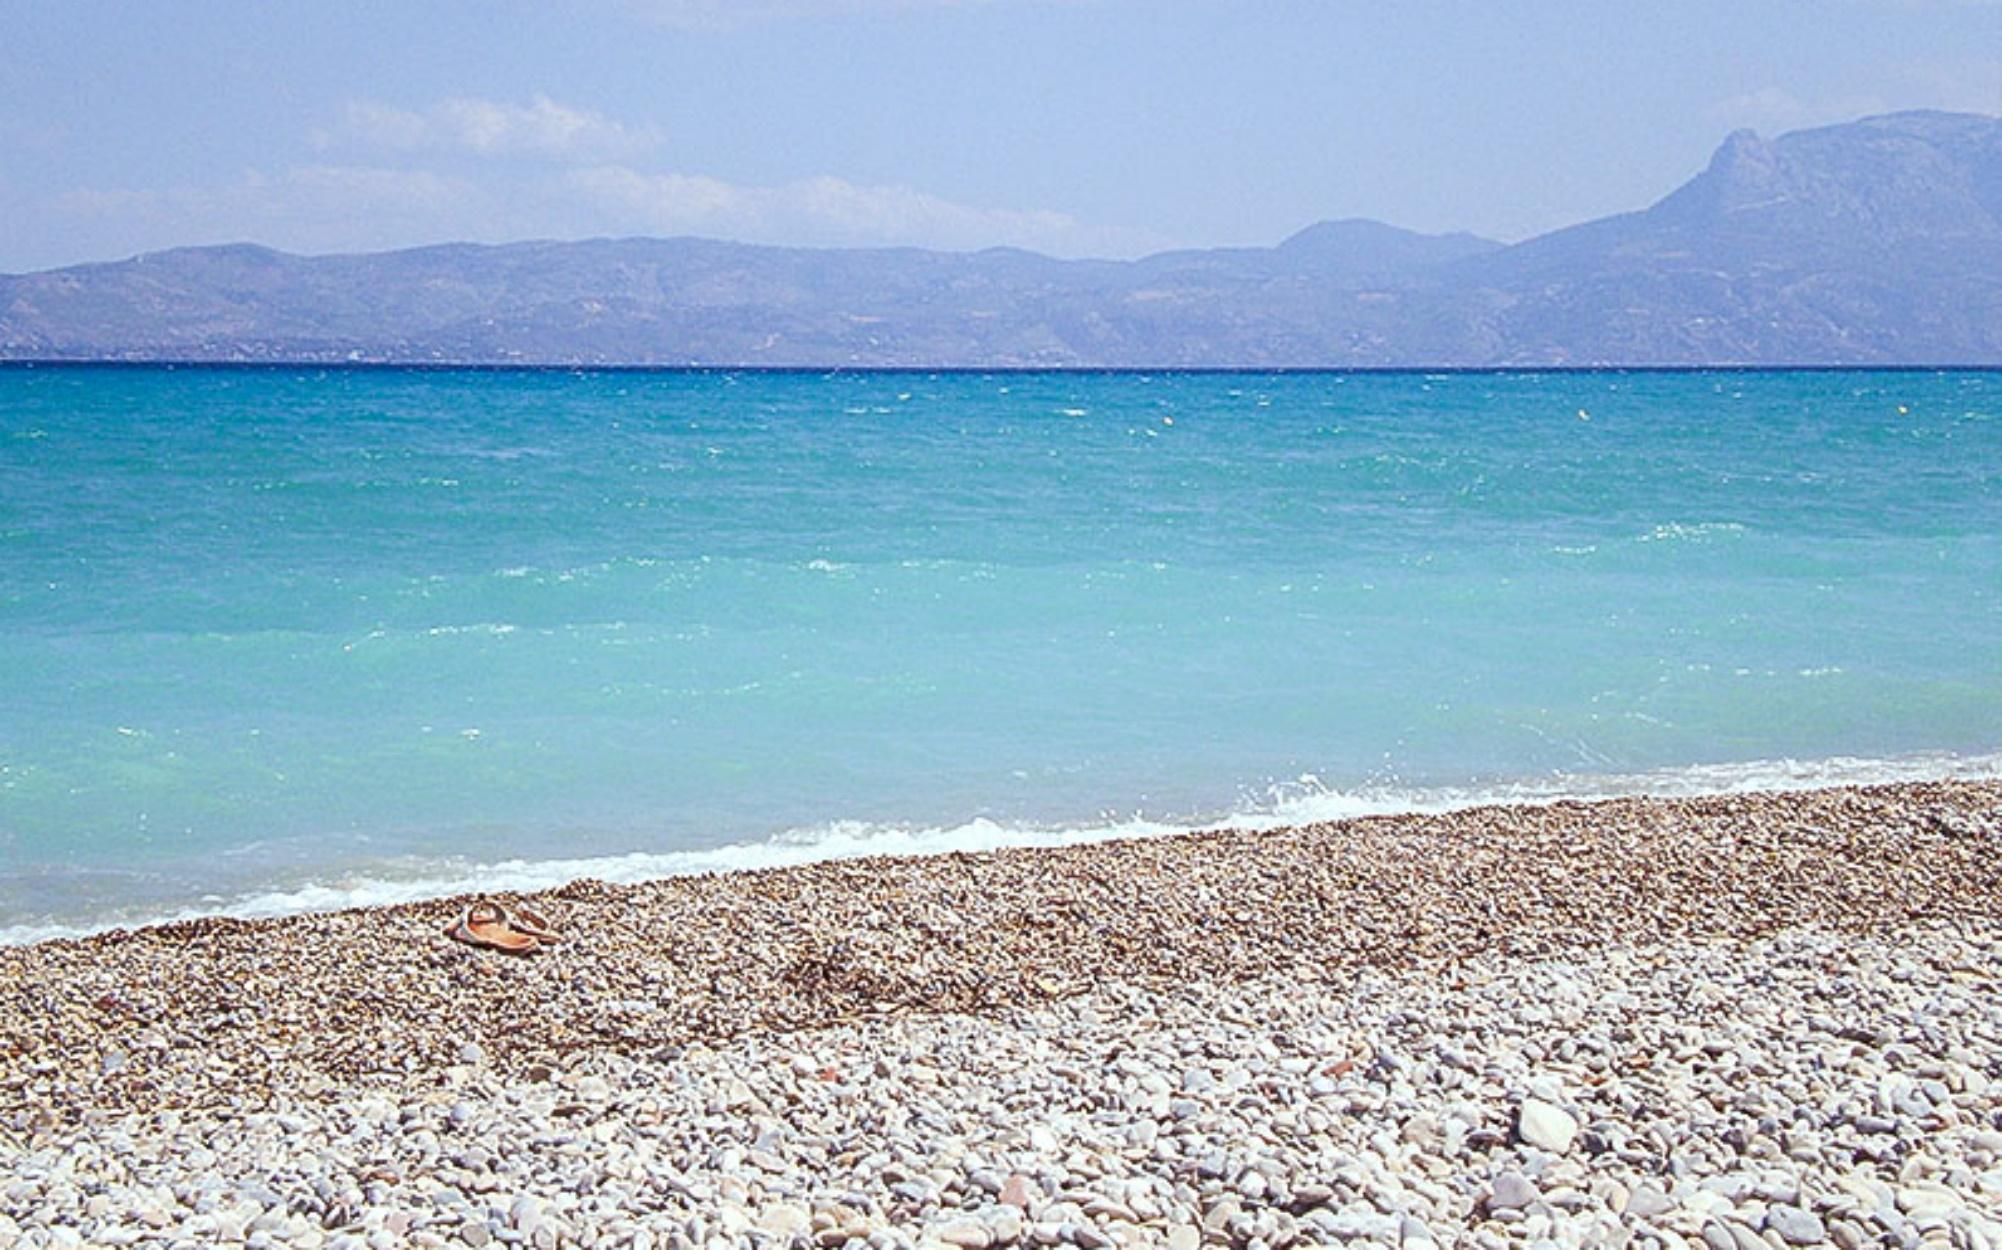 Κρήτη: Το πιο τρομακτικό μπάνιο της ζωής του! Του έσωσαν τη ζωή την τελευταία στιγμή